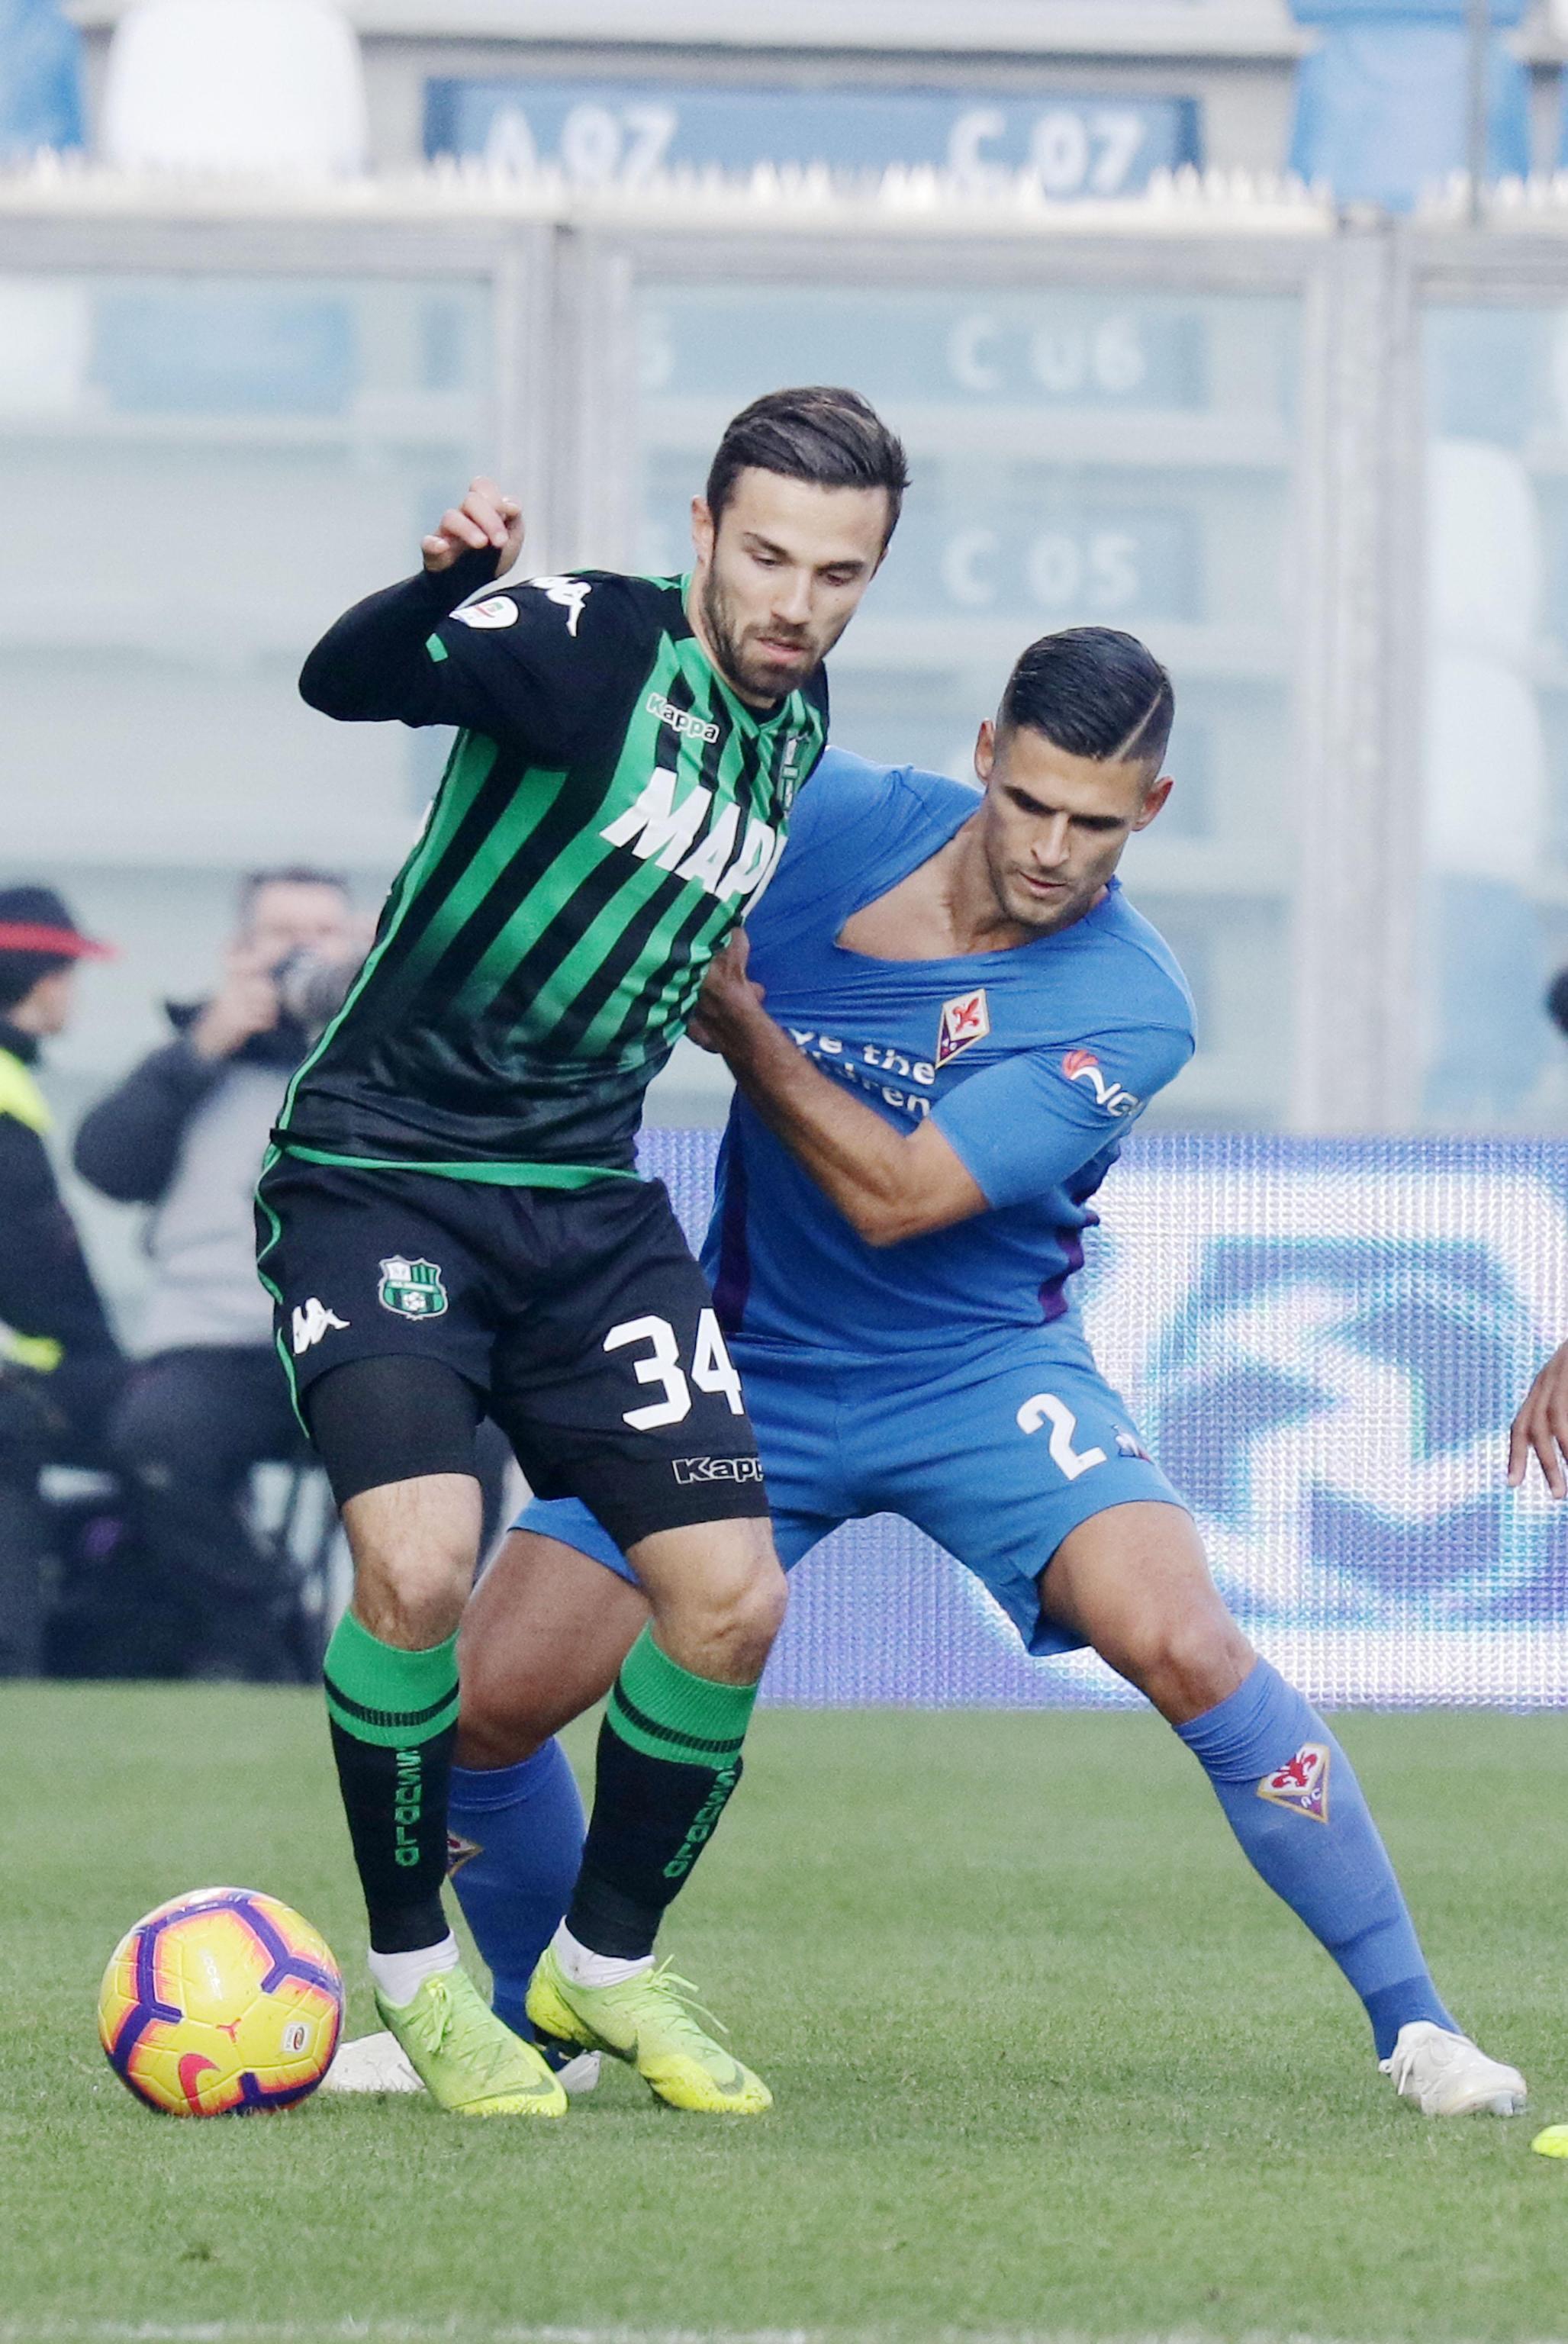 Nell'anticipo dell'ora di pranzo della 15a giornata, Sassuolo e Fiorentina danno vita a un pirotecnico 3-3. Dopo un primo tempo con poche emozioni, la gara si accende nella ripresa. Duncan la sblocca uno splendido sinistro (62'), poi serve a Babacar l'assist del gol dell'ex (67'). Simeone rompe il digiuno di 10 gare al 70', Sensi sorprende Lafont (80'). Benassi riaccende le speranze e Mirallas gela il Mapei al 96'. Espulsi Djuricic e Milenkovic.